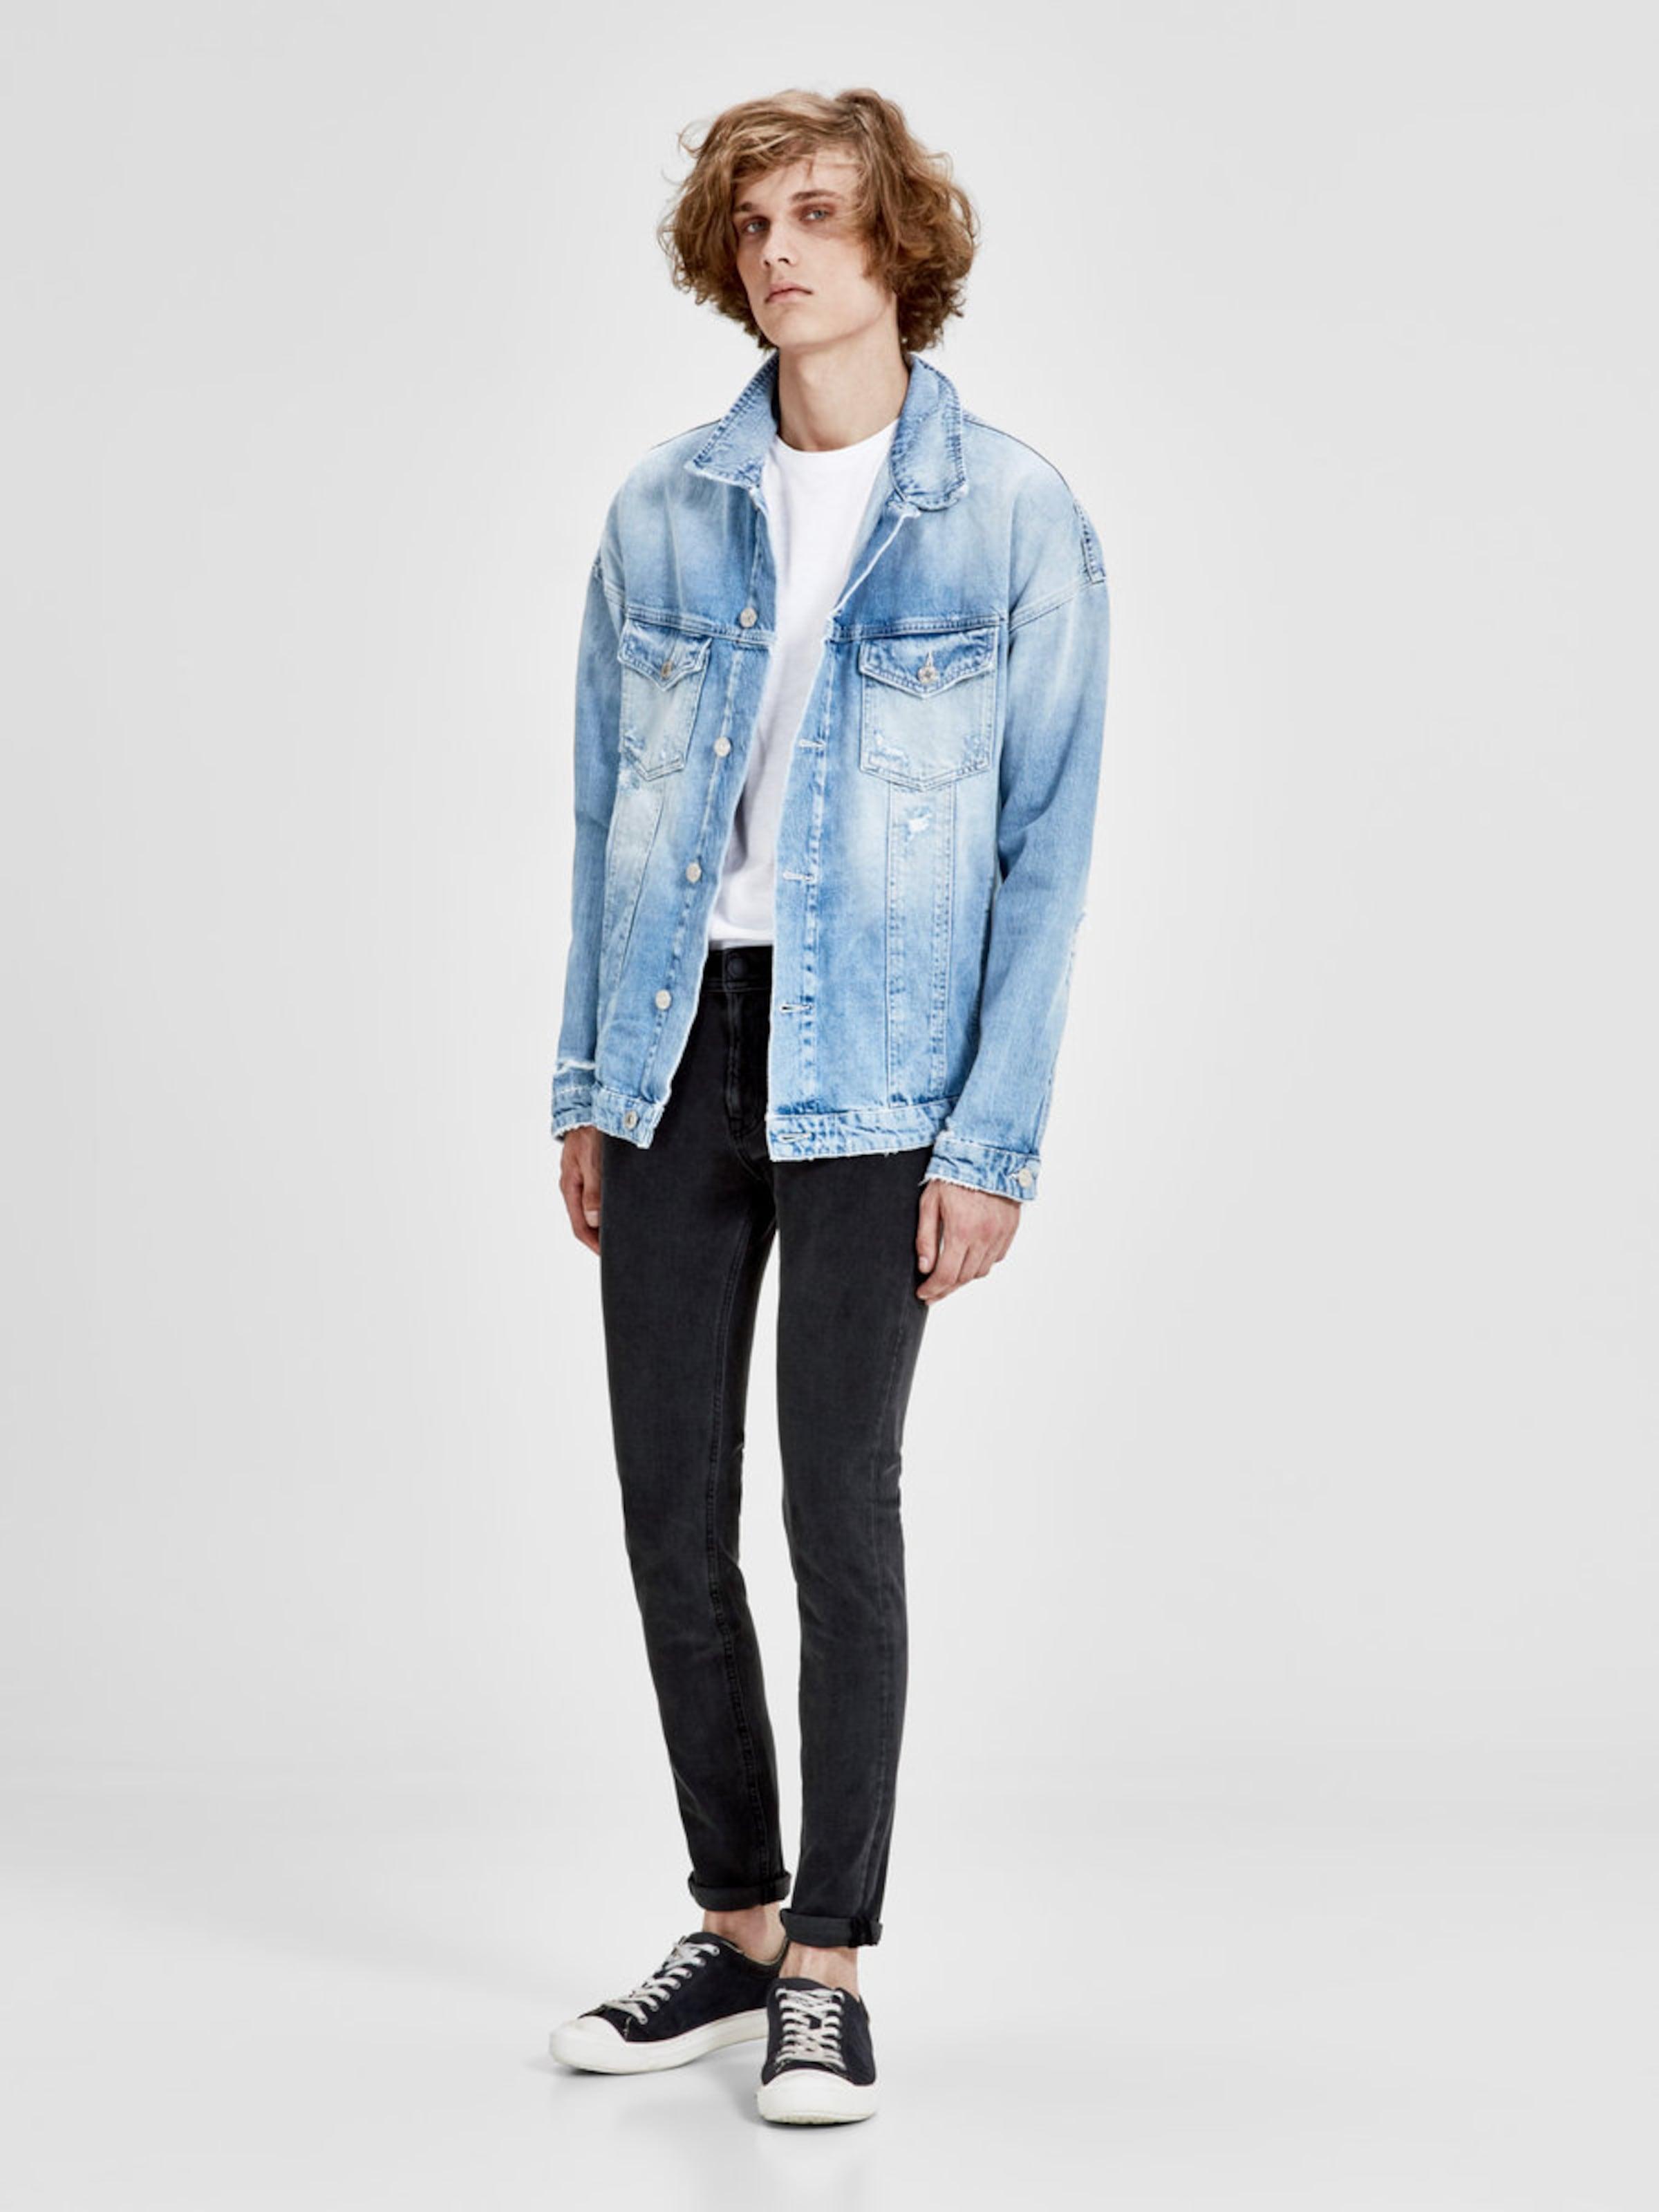 JACK & JONES Skinny Fit Jeans Exklusiv xkZBj6kRx